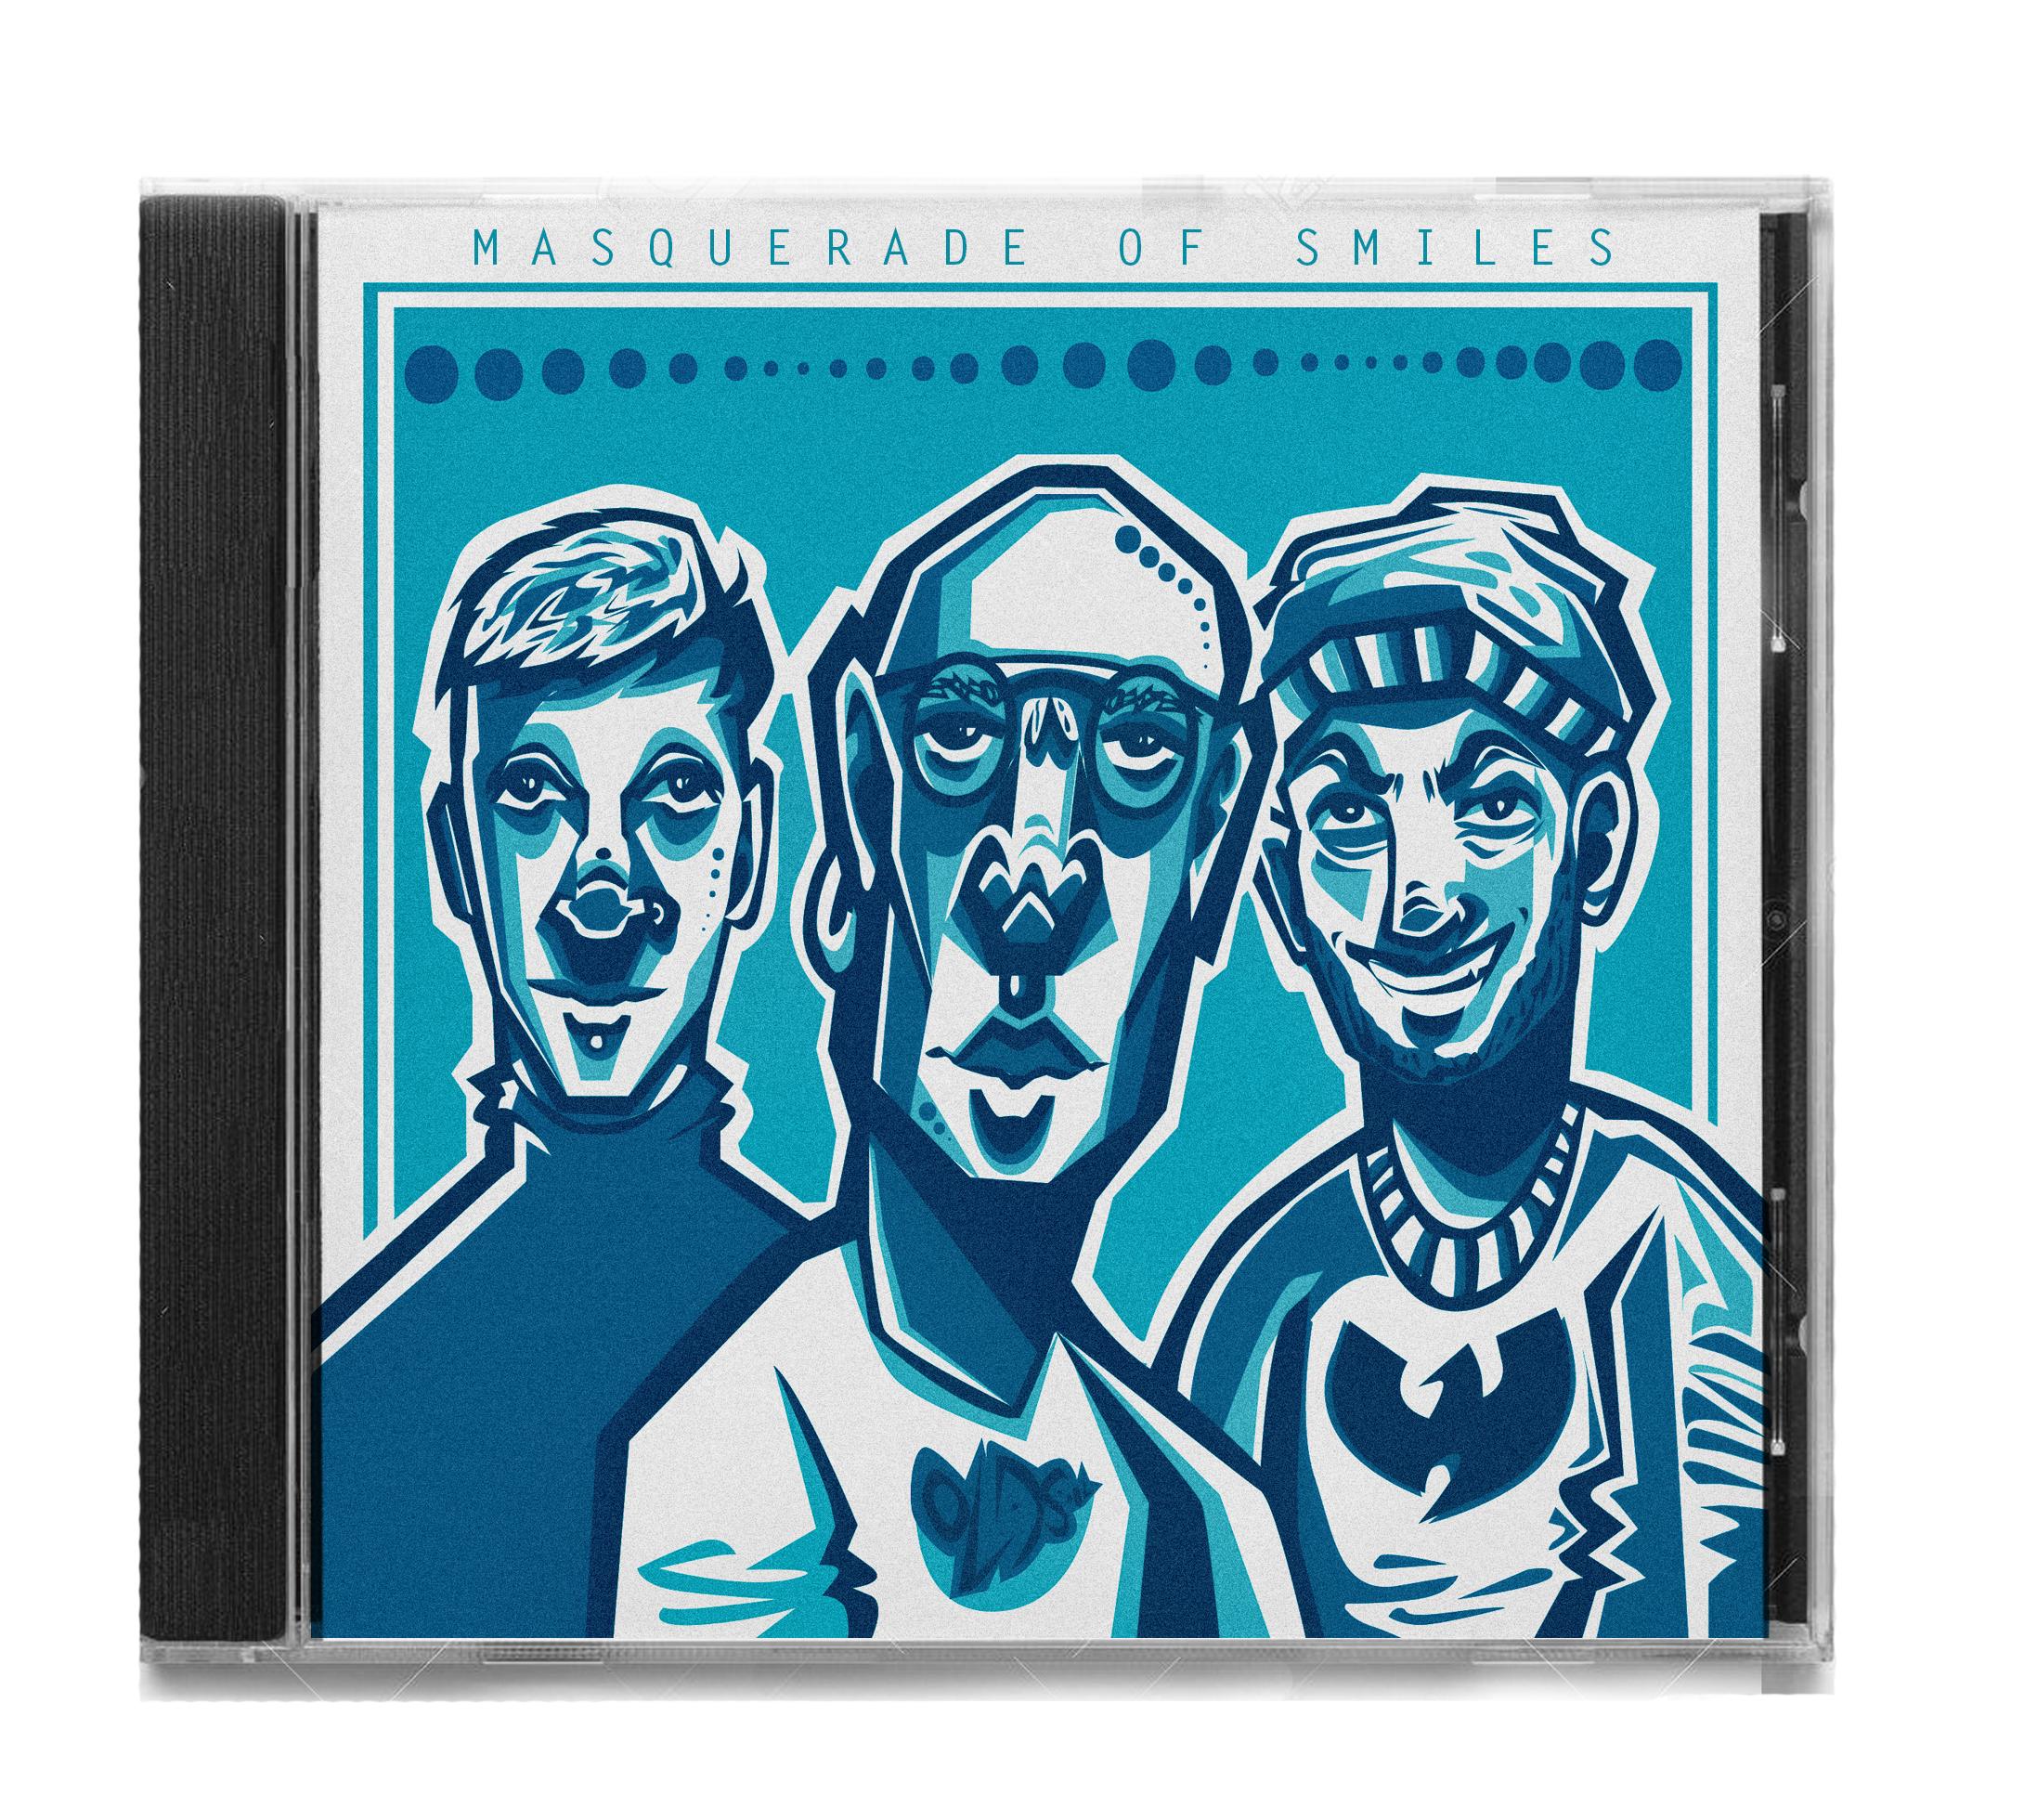 CD MOCK-UP.png